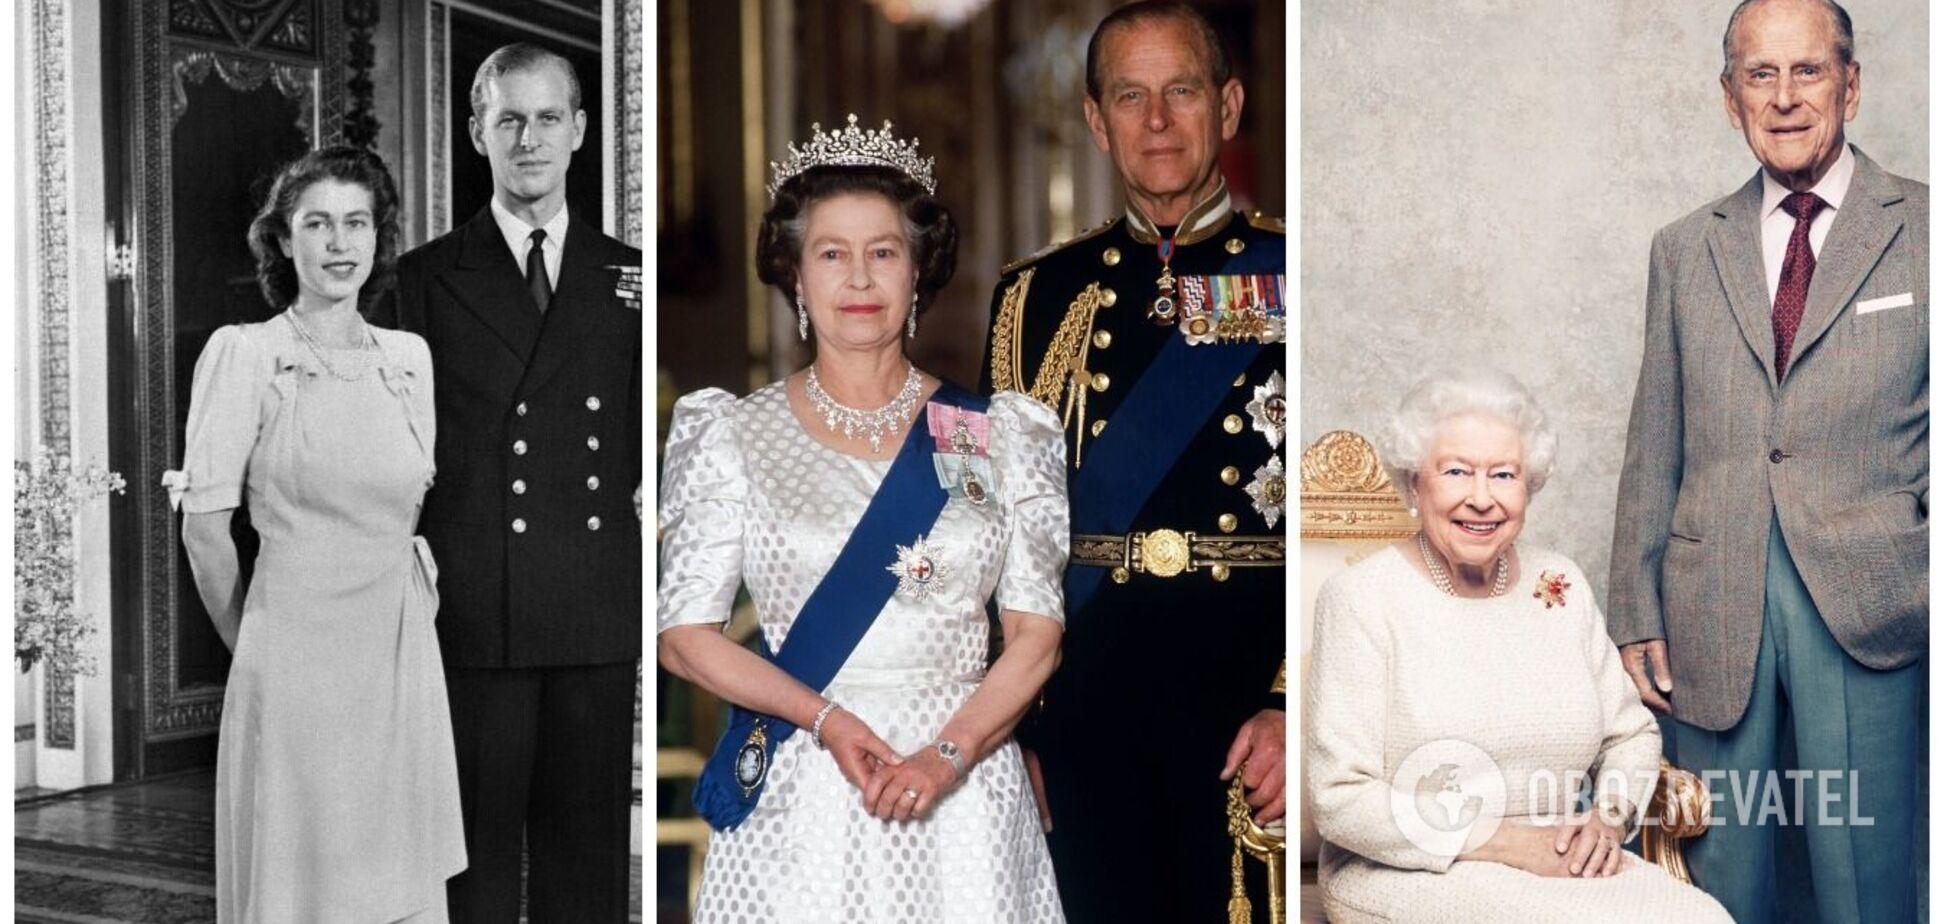 Любовь длиной 73 года: история отношений Елизаветы II и принца Филиппа